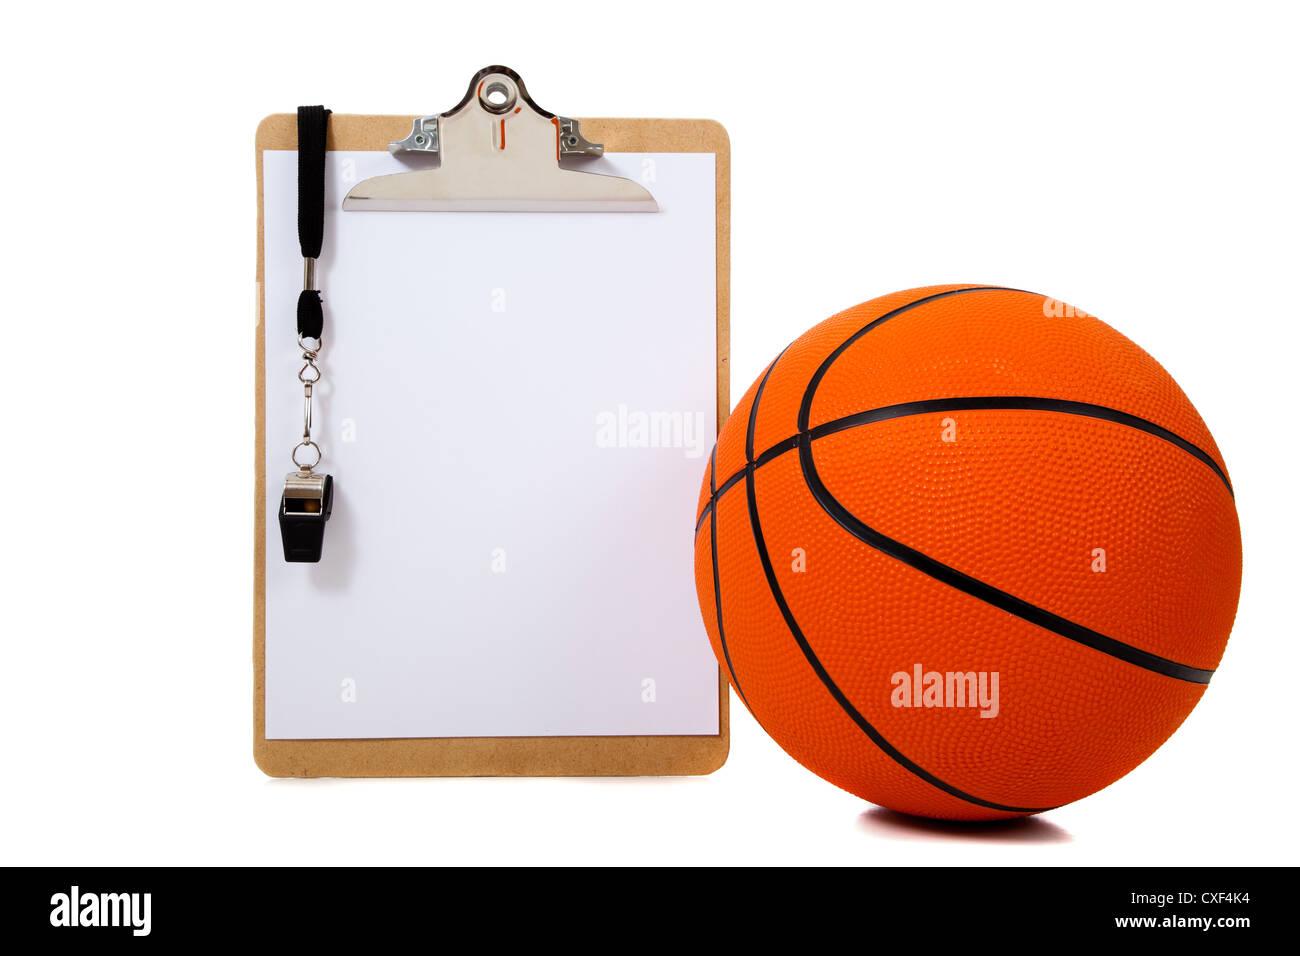 Portapapeles del entrenador con un silbato y una pelota de baloncesto sobre un fondo blanco con espacio de copia Imagen De Stock